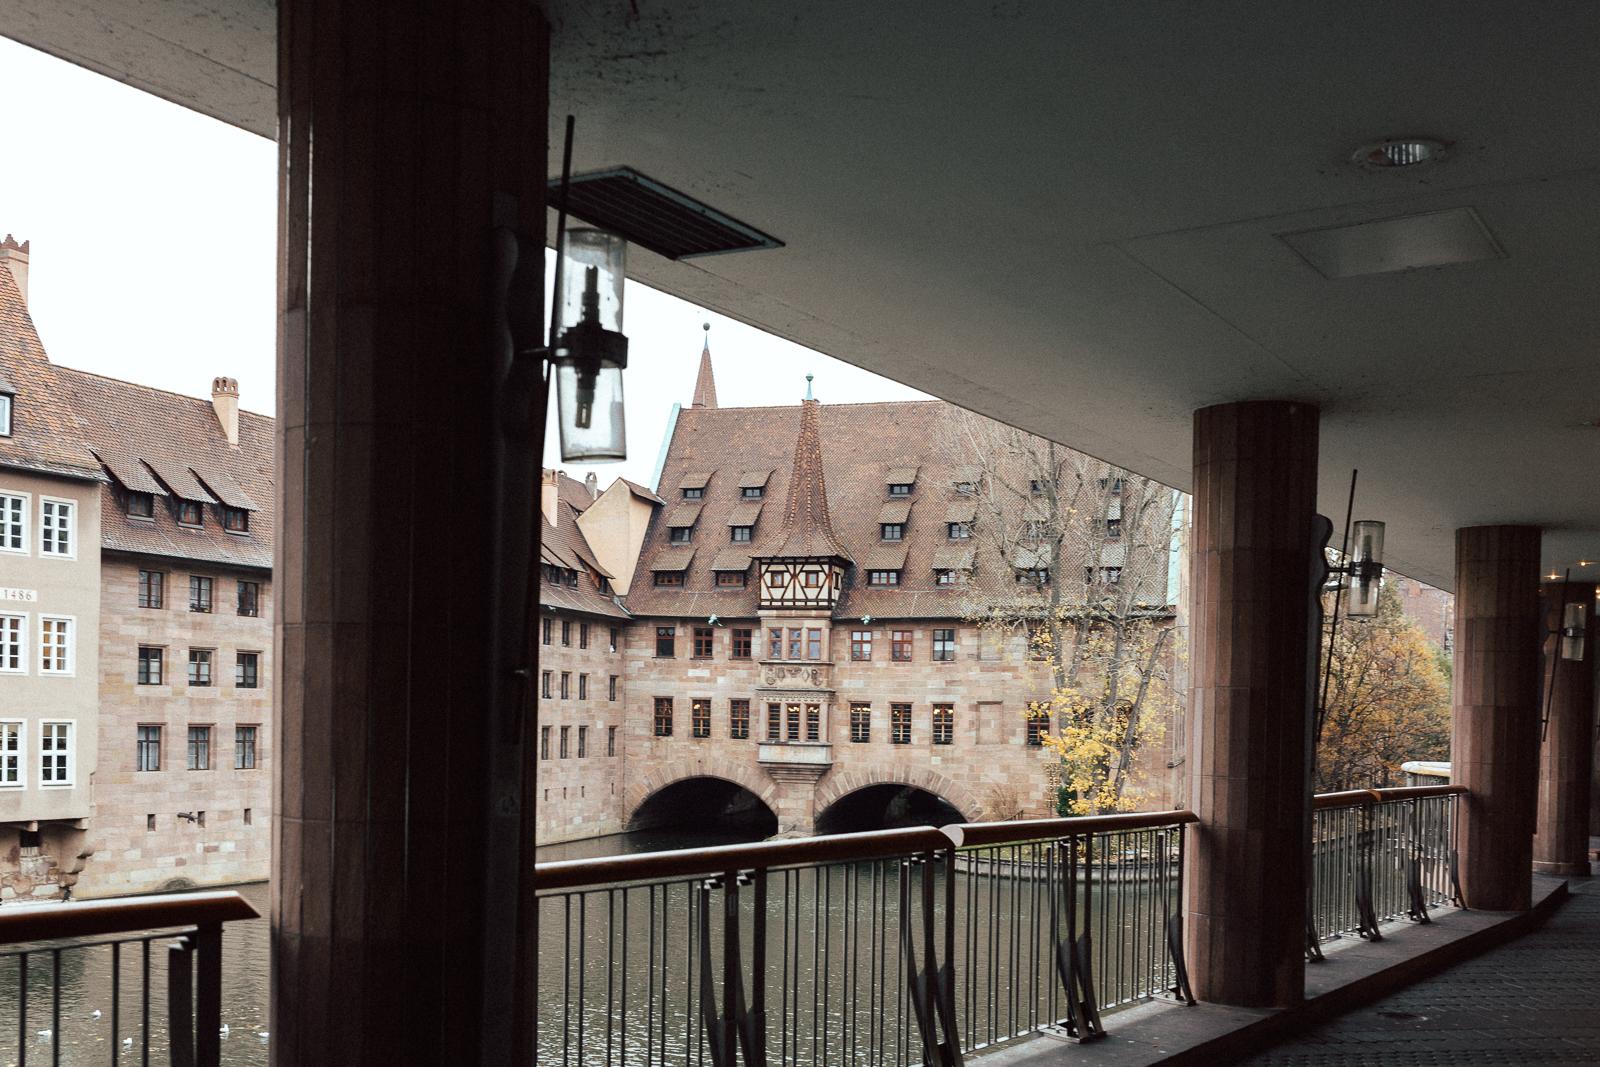 URBANERIE_Daniela_Goth_Fotografin_Nürnberg_Fürth_Erlangen_Schwabach_171110_001_0072